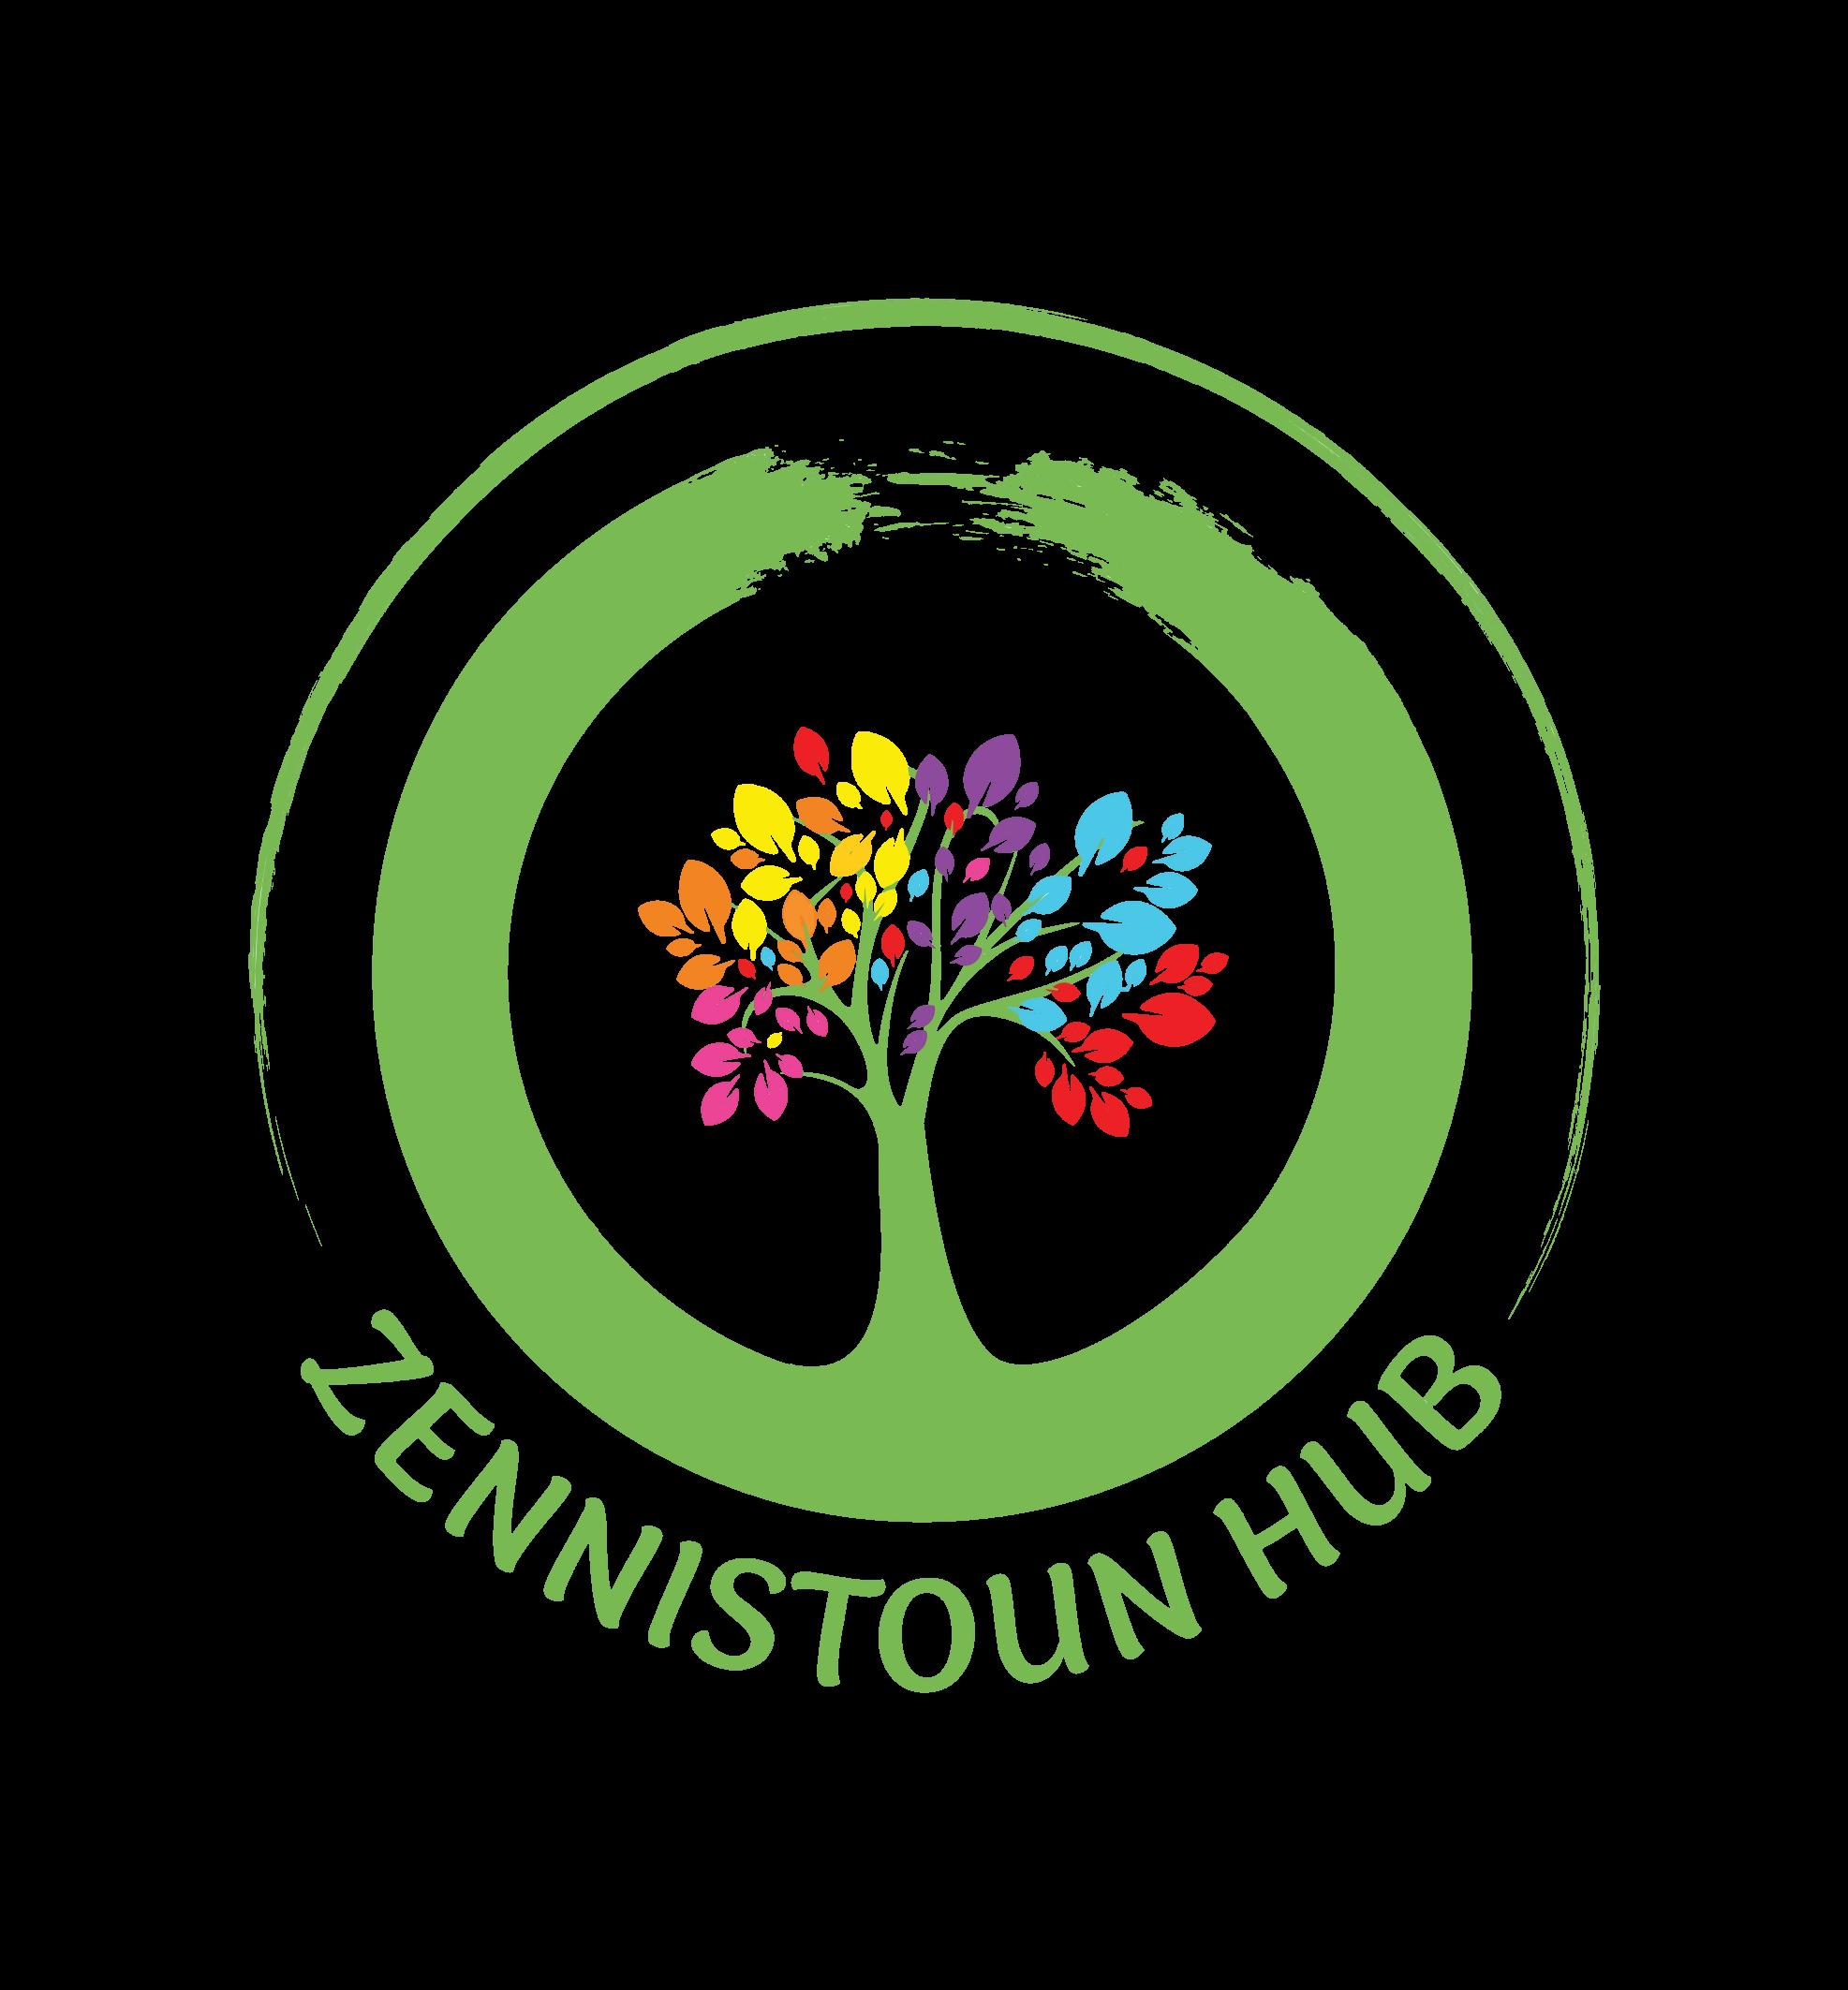 zennistoun-hub-logo_clipped_rev_1